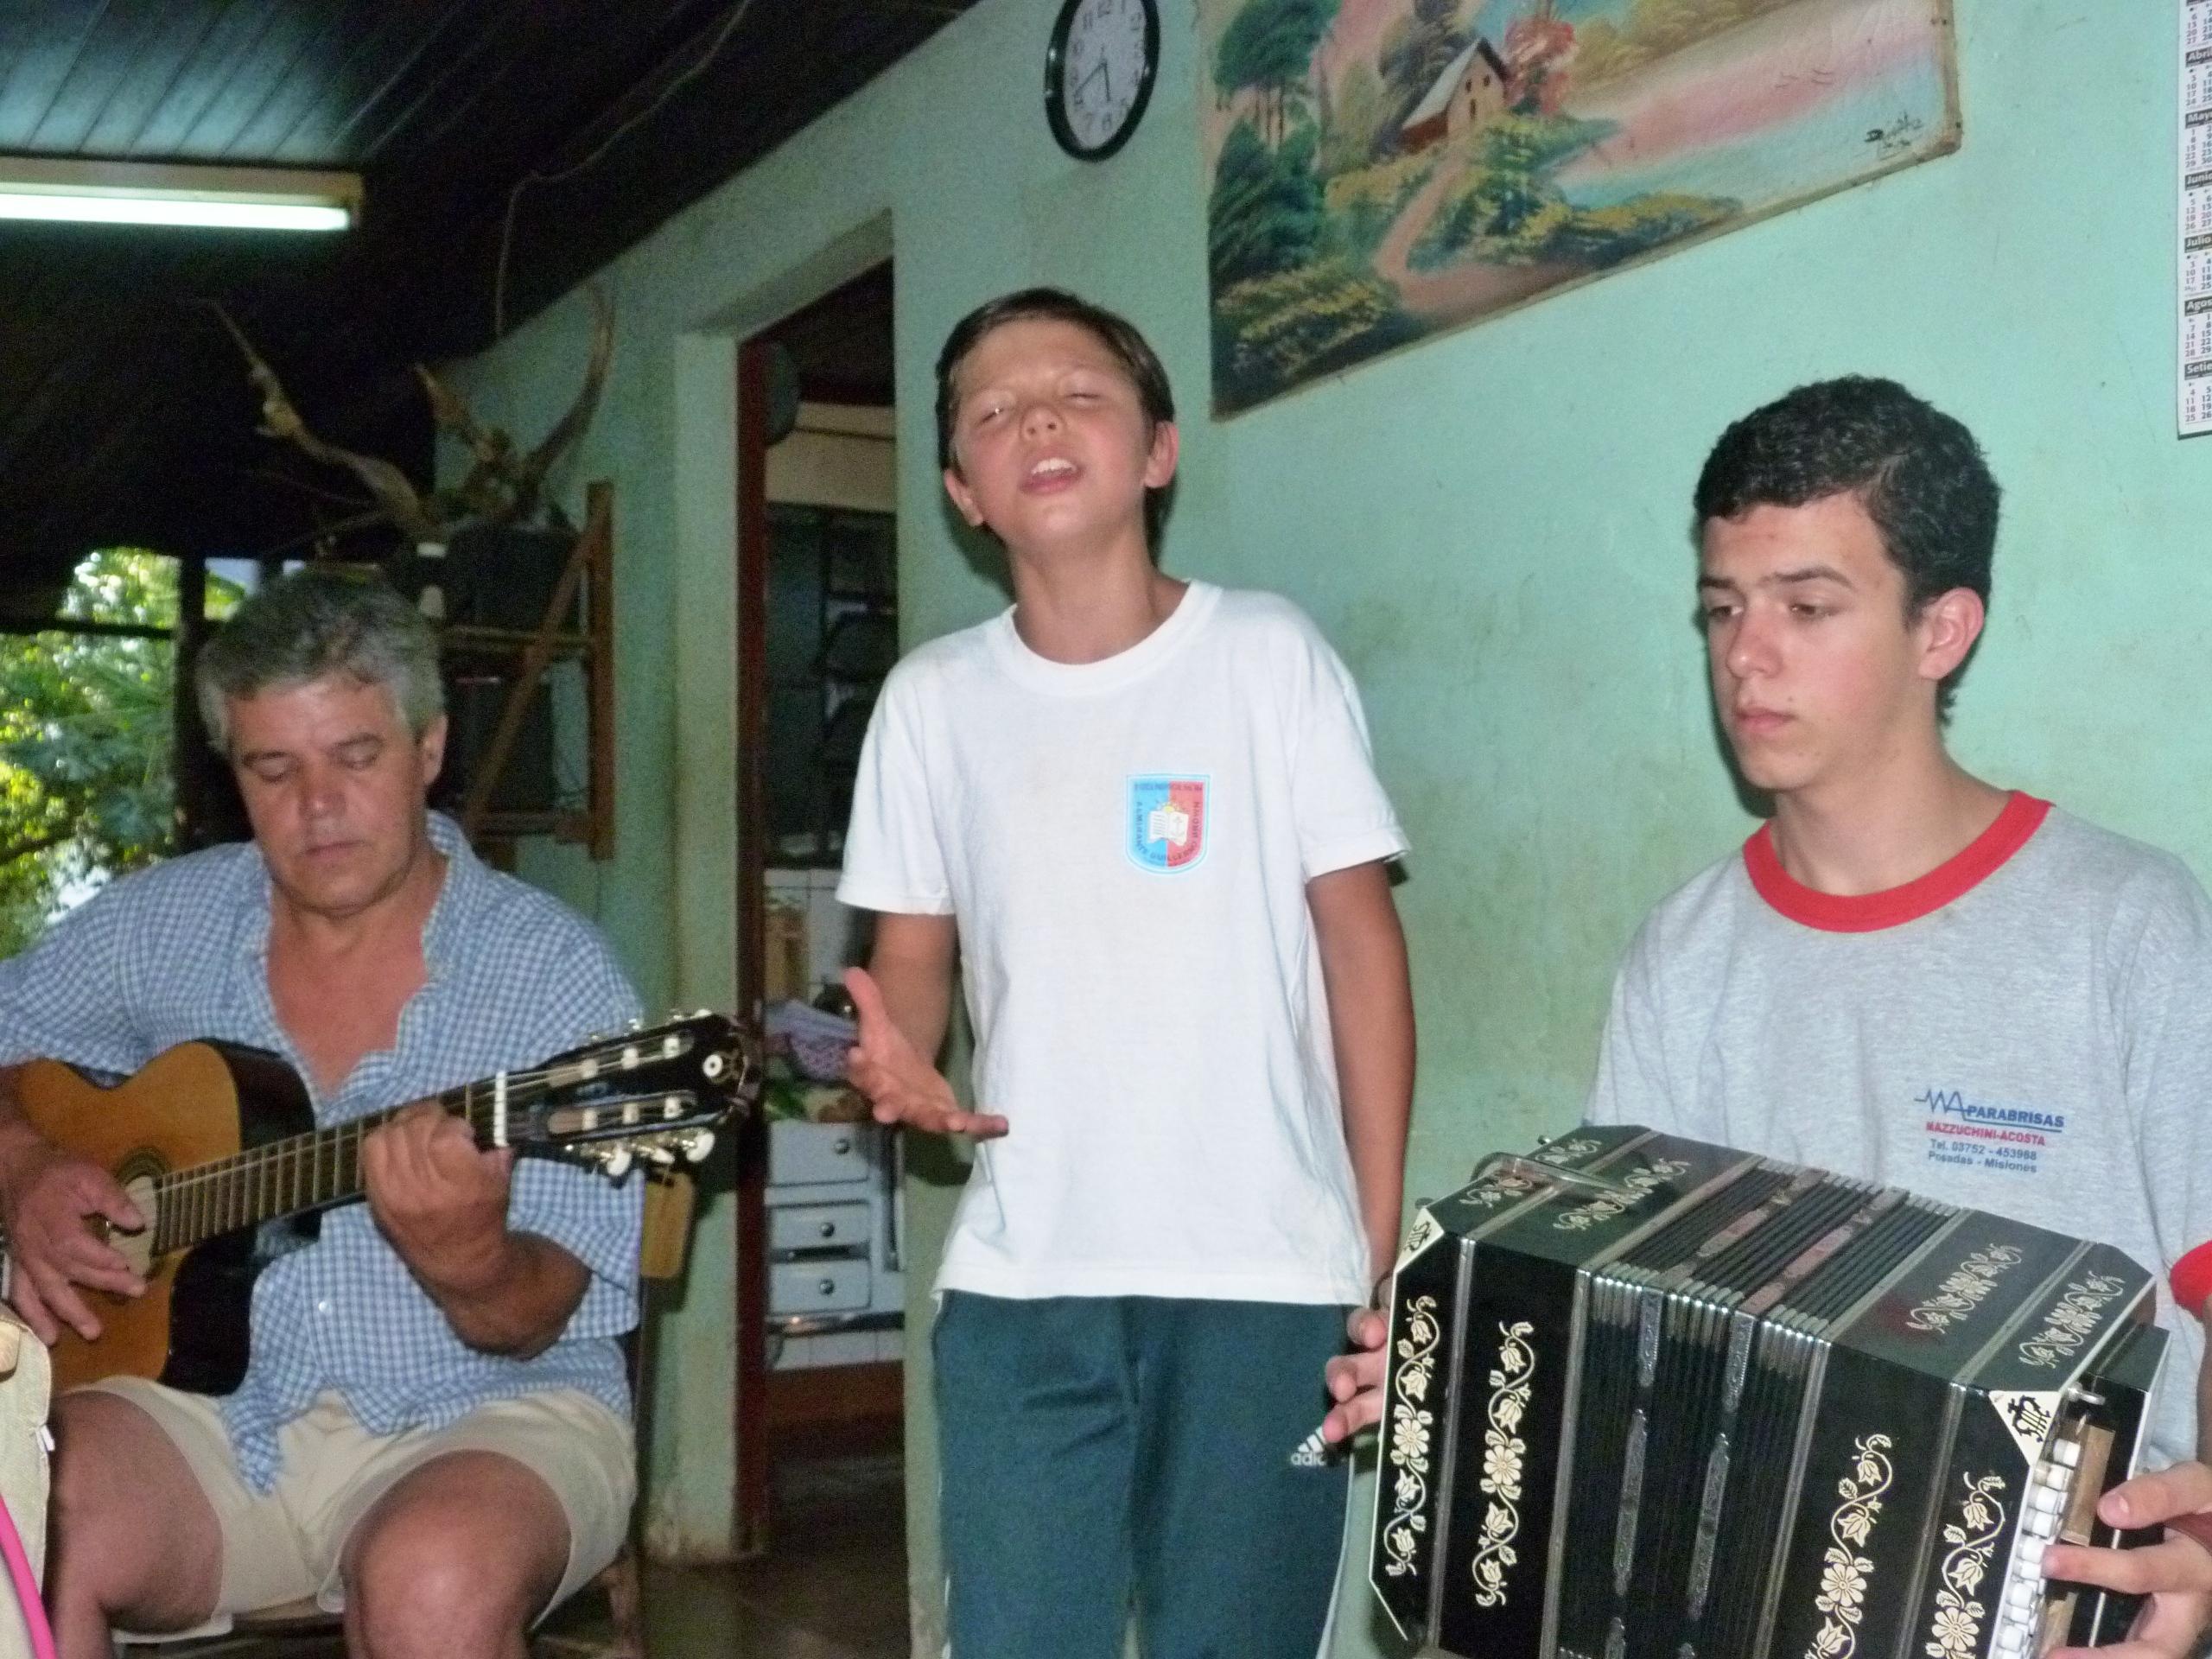 Lisandro se destaca por su voz, Joaquín ama el bandoneón y el padre, Oscar Benítez acompaña en guitarra.